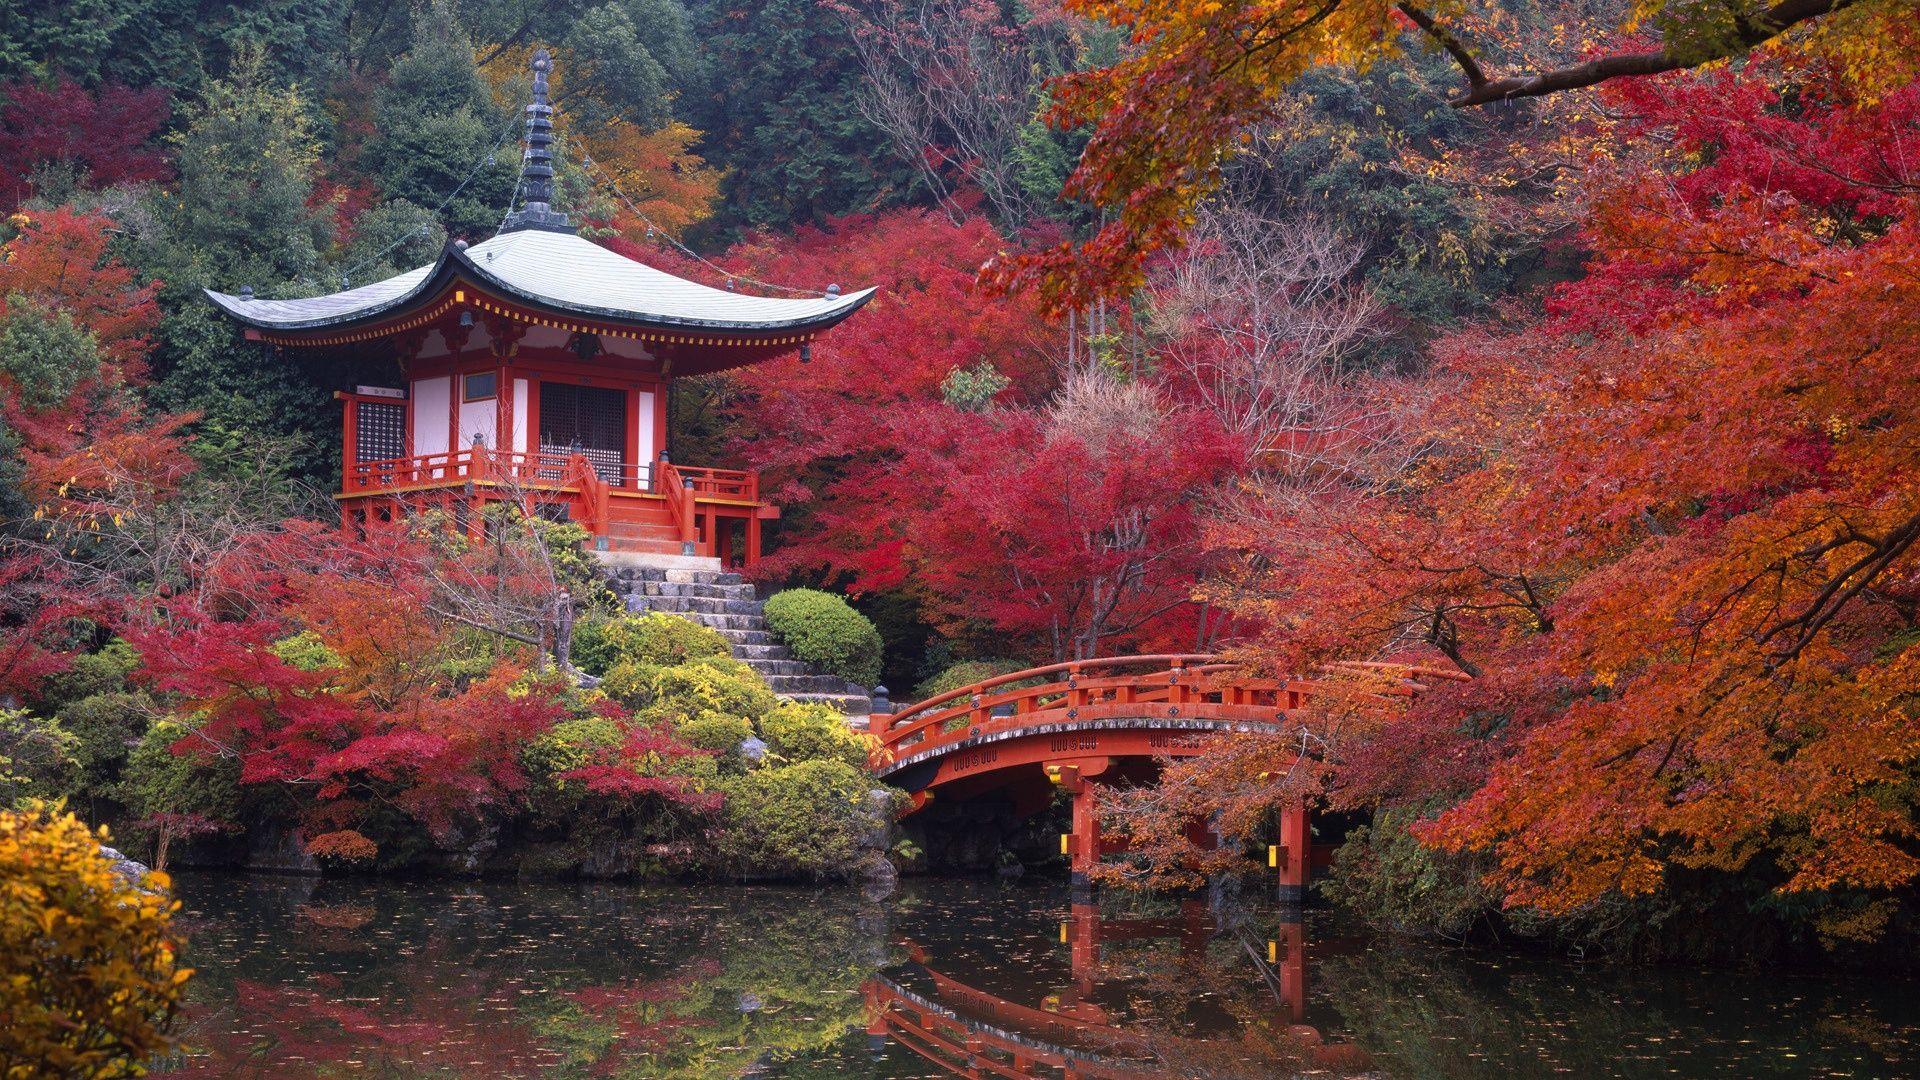 日本京都醍醐の秋の風景 壁紙 1920x1080 フルhd 風景 日本 京都